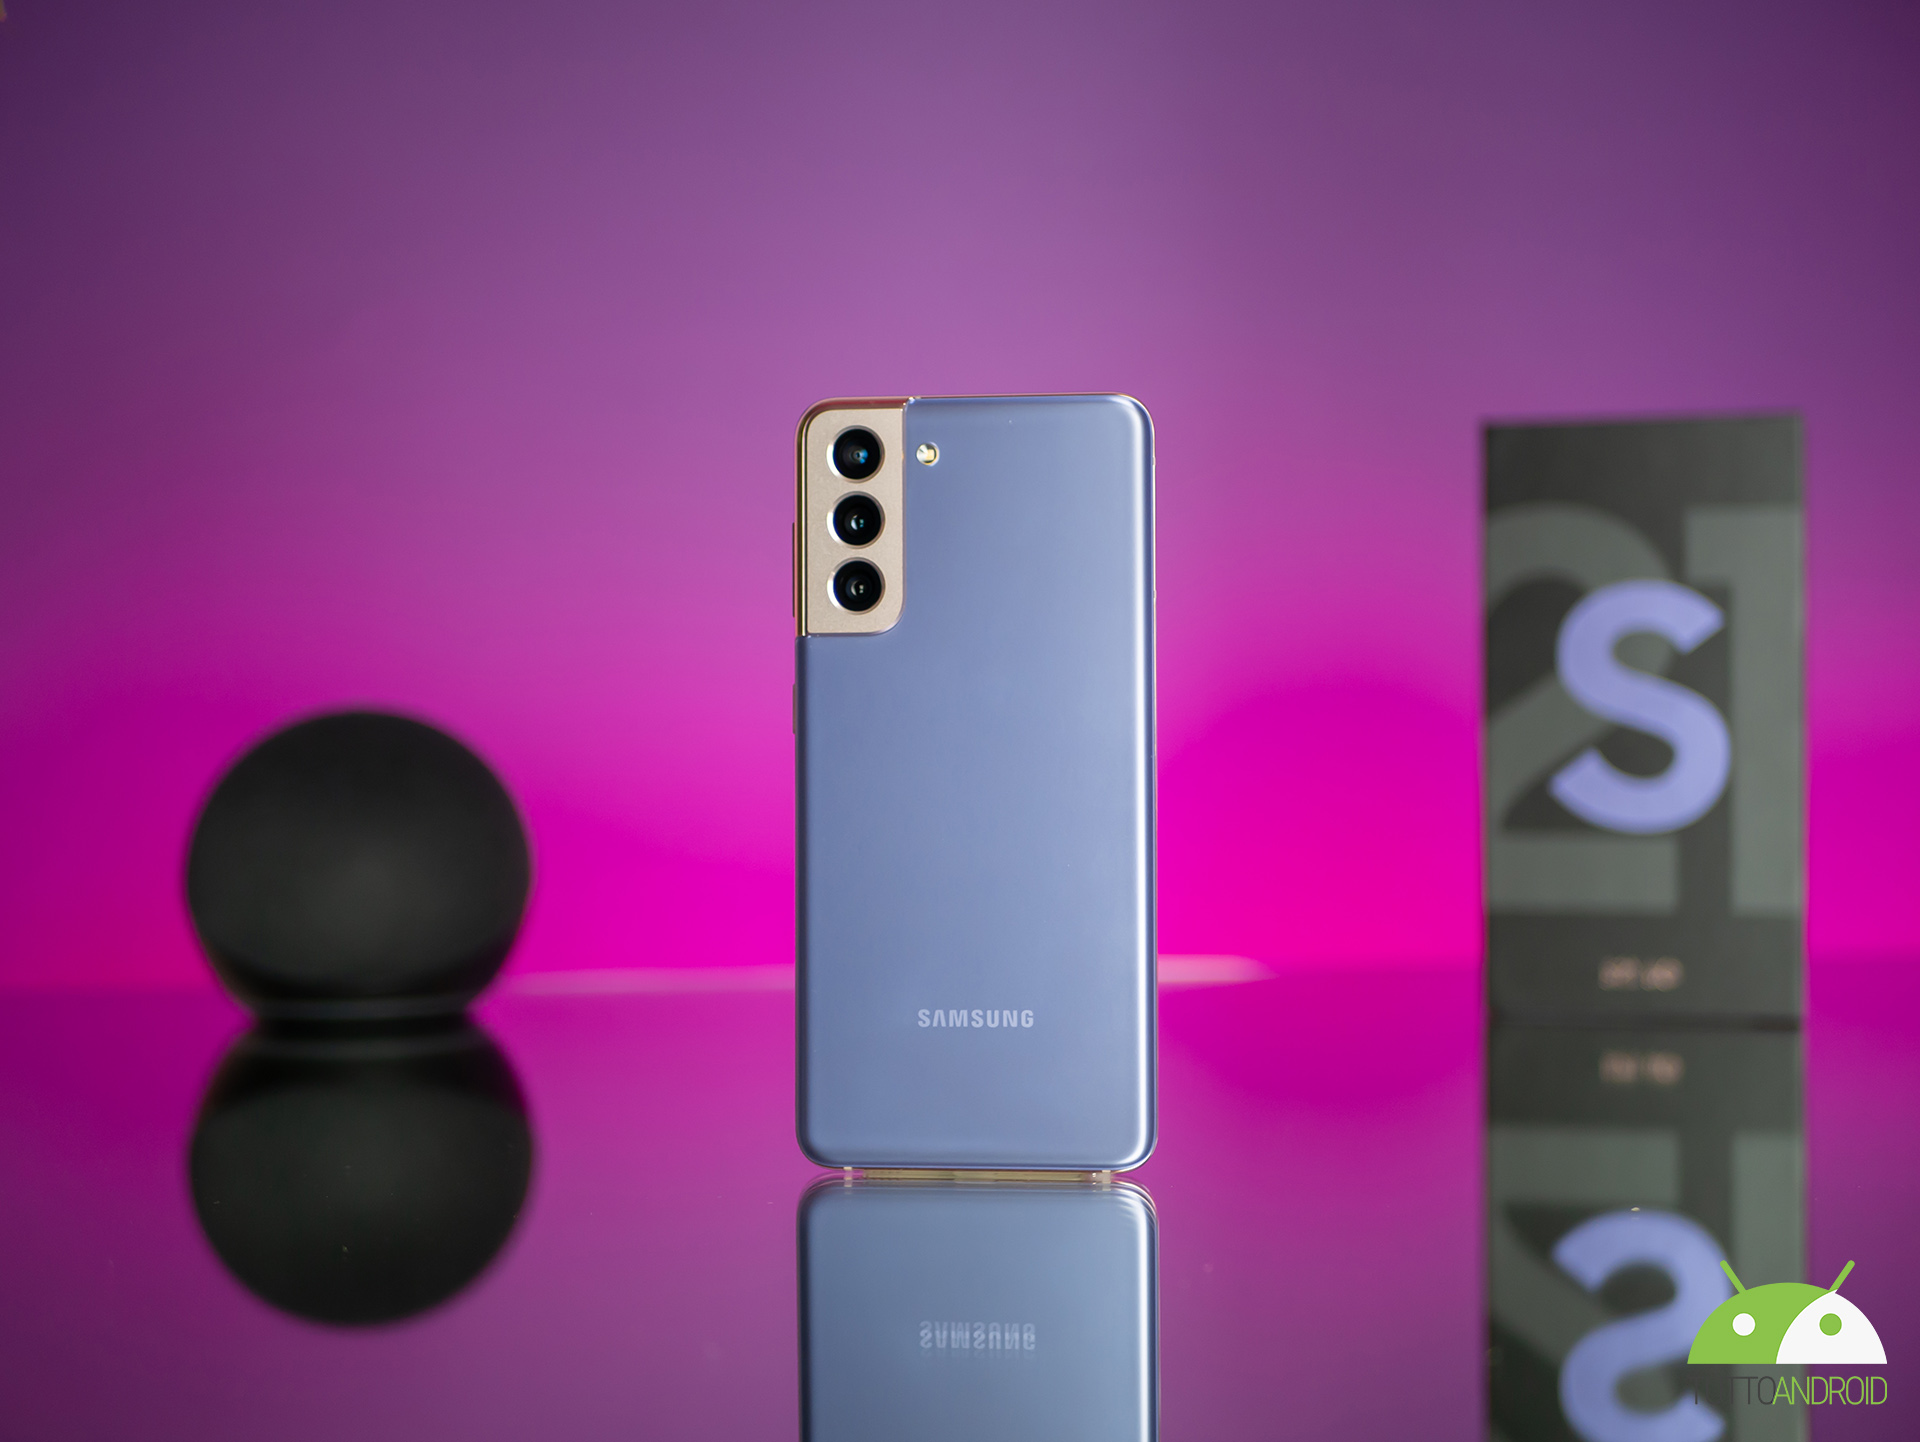 La gamma Samsung Galaxy S21 è già a buon prezzo da ePrice e Amazon